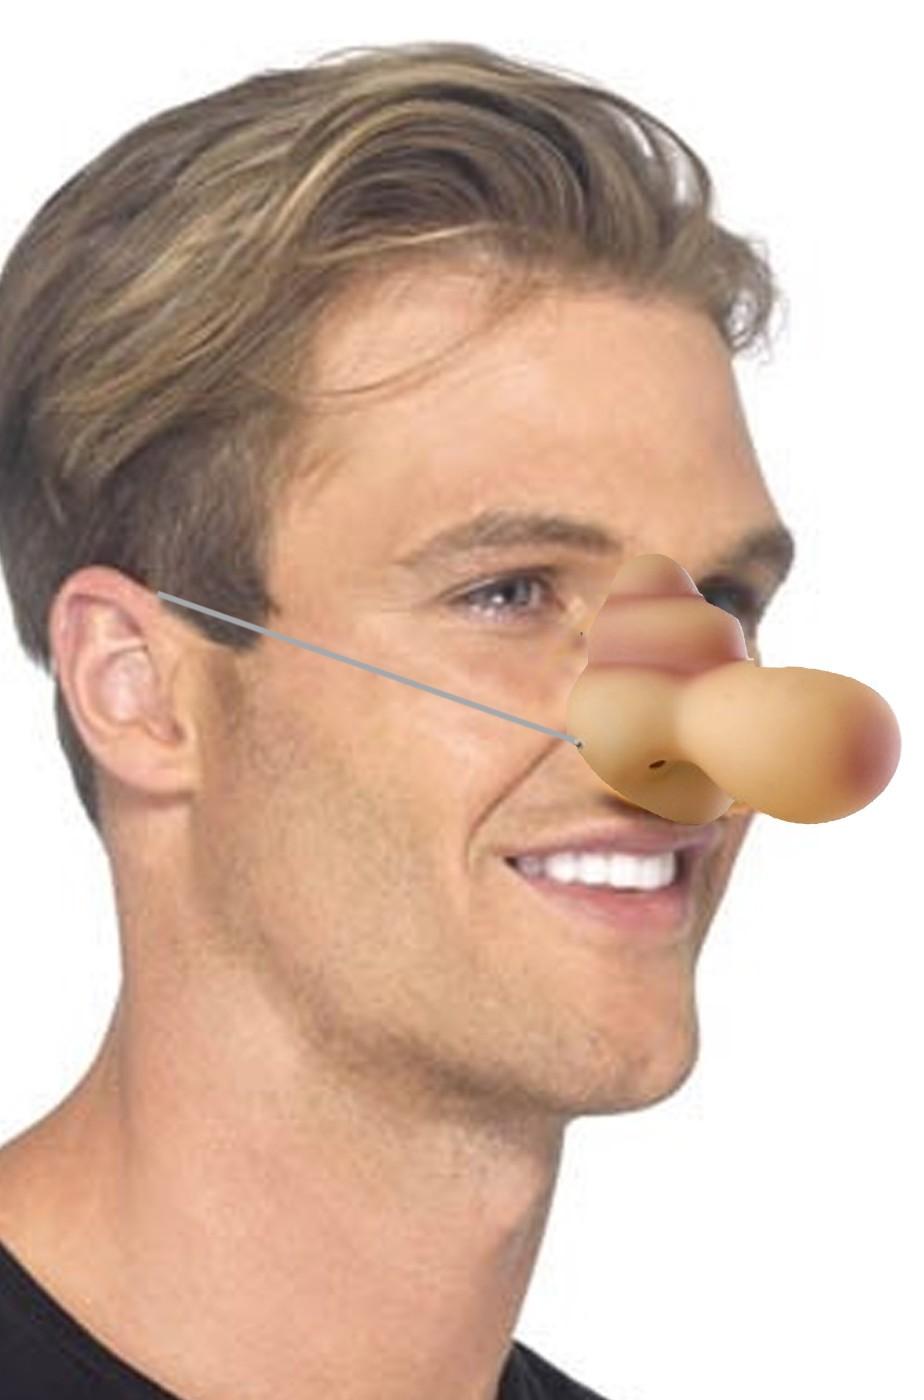 Naso finto cartone animato asterix e tutti i personaggi col nasone